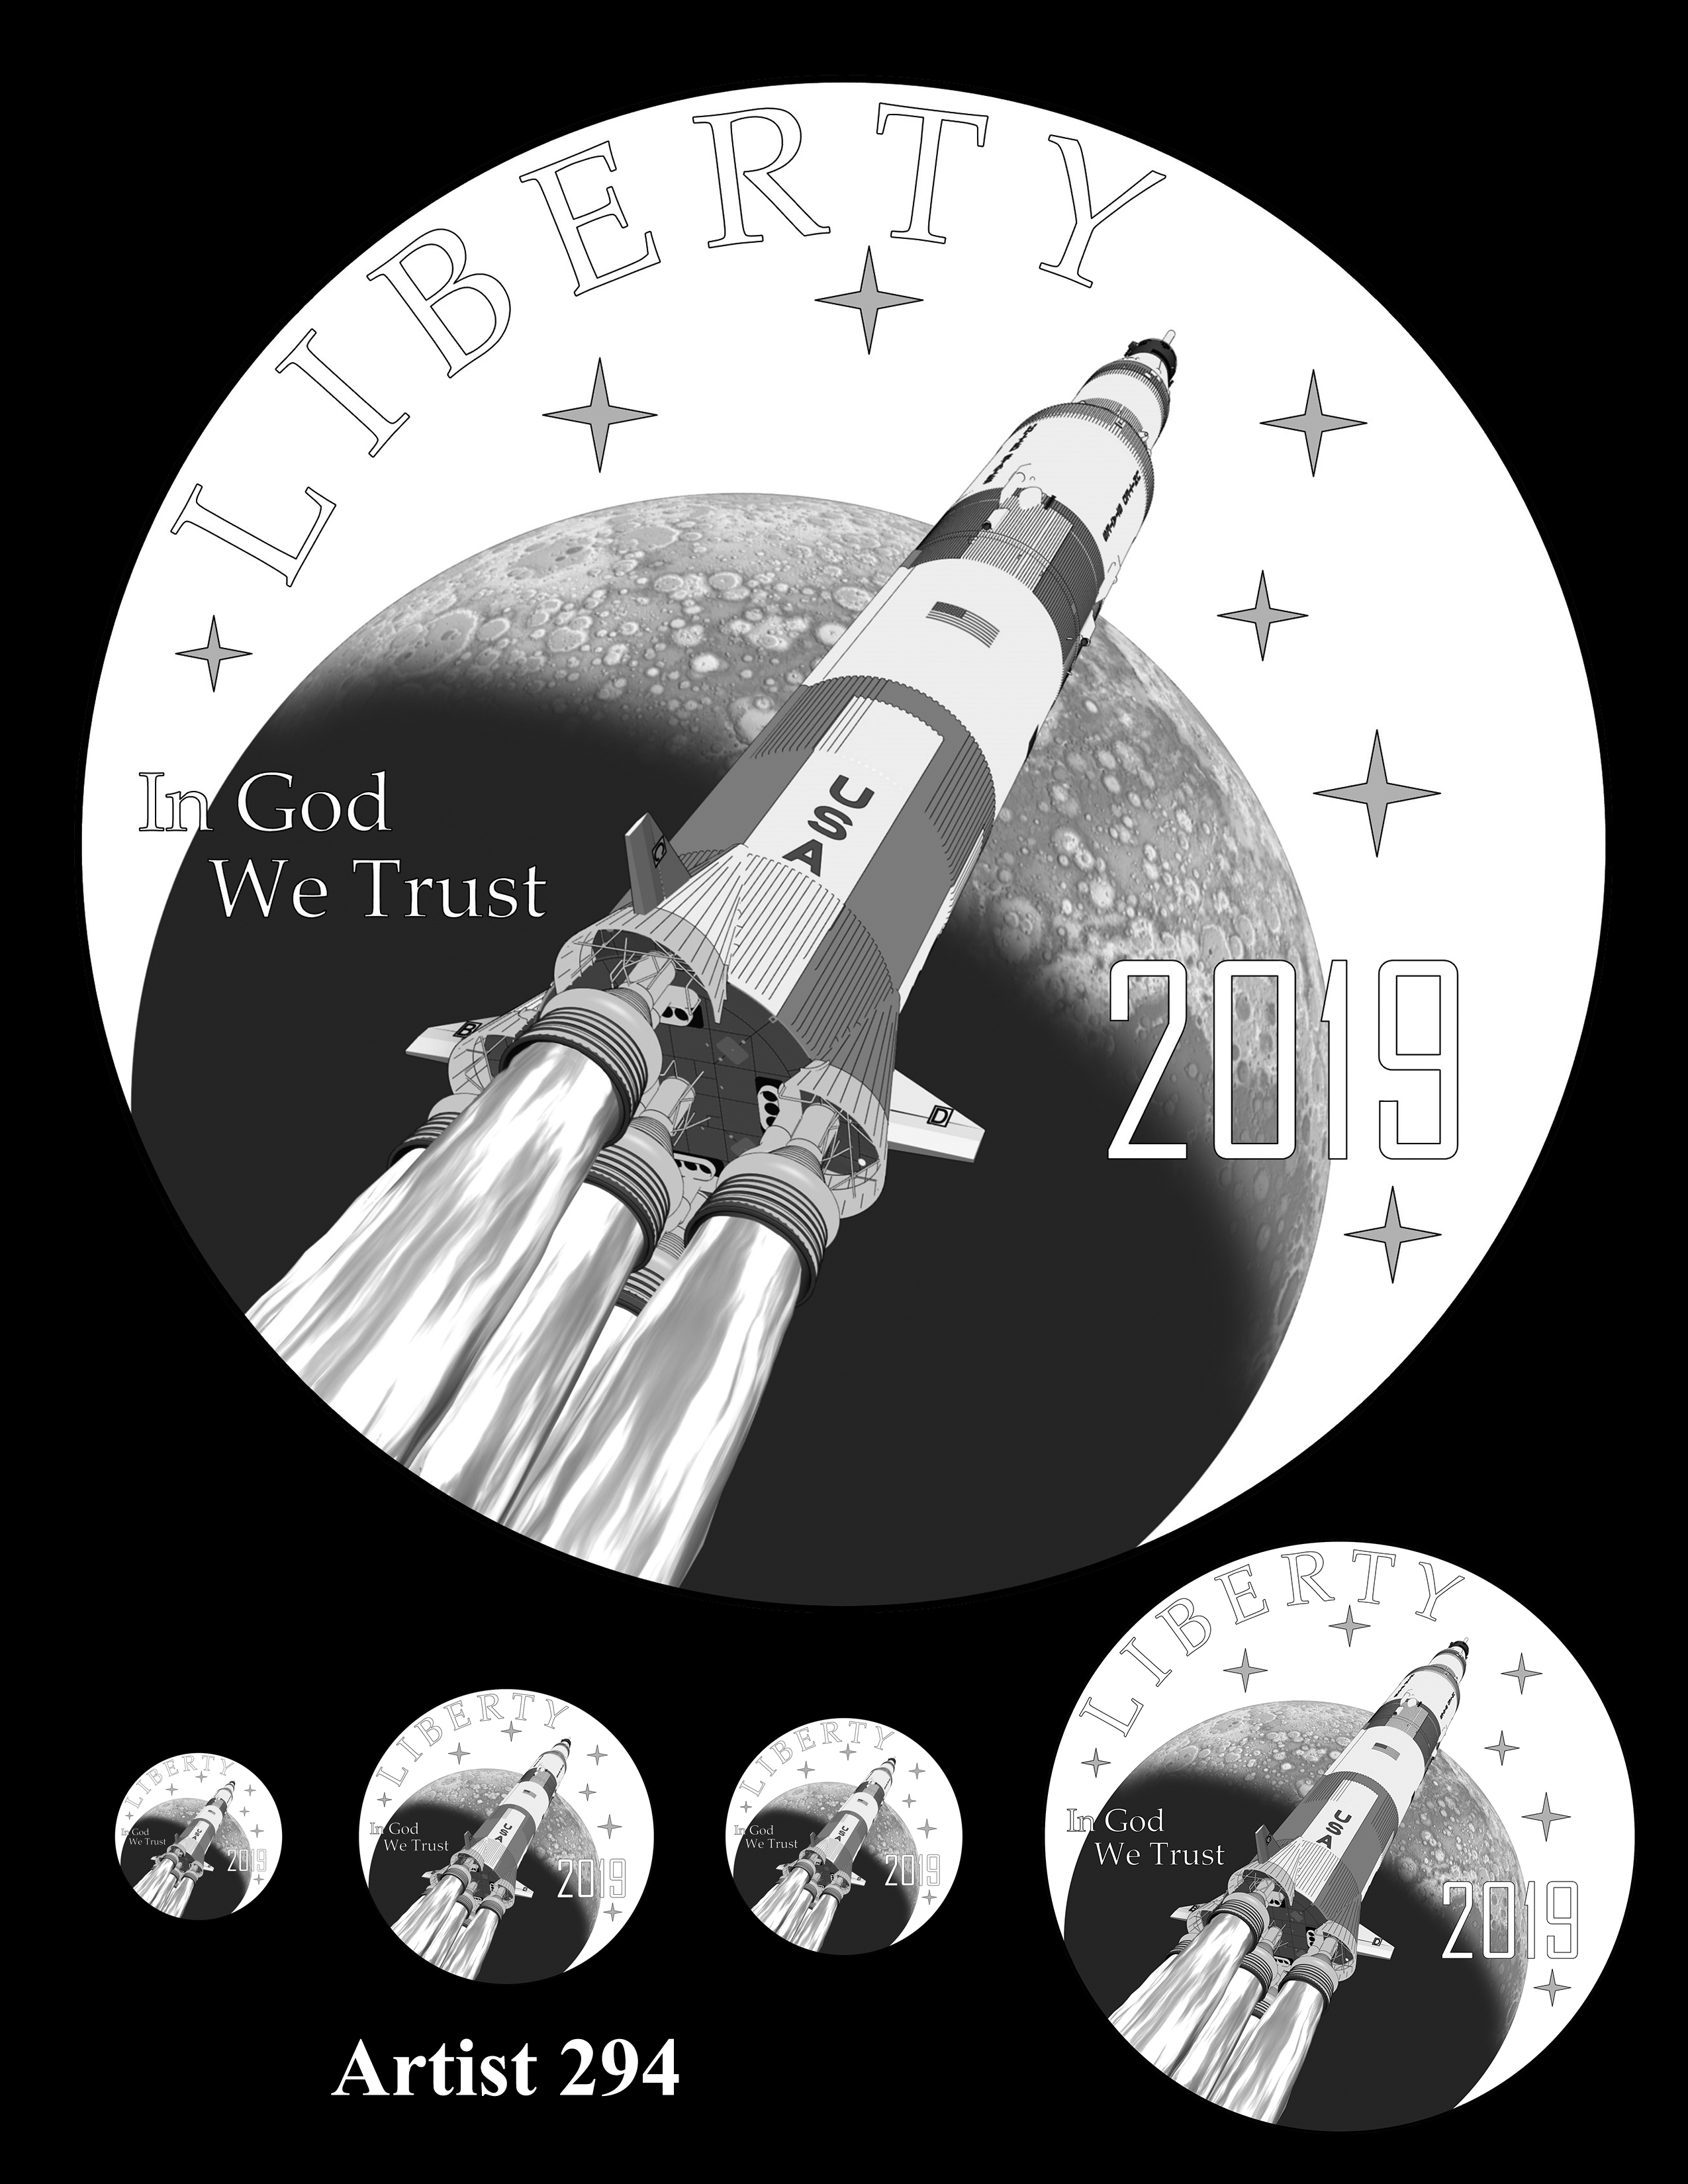 Artist 294 -- Apollo 11 50th Anniversary Commemorative Coin Obverse Design Competition